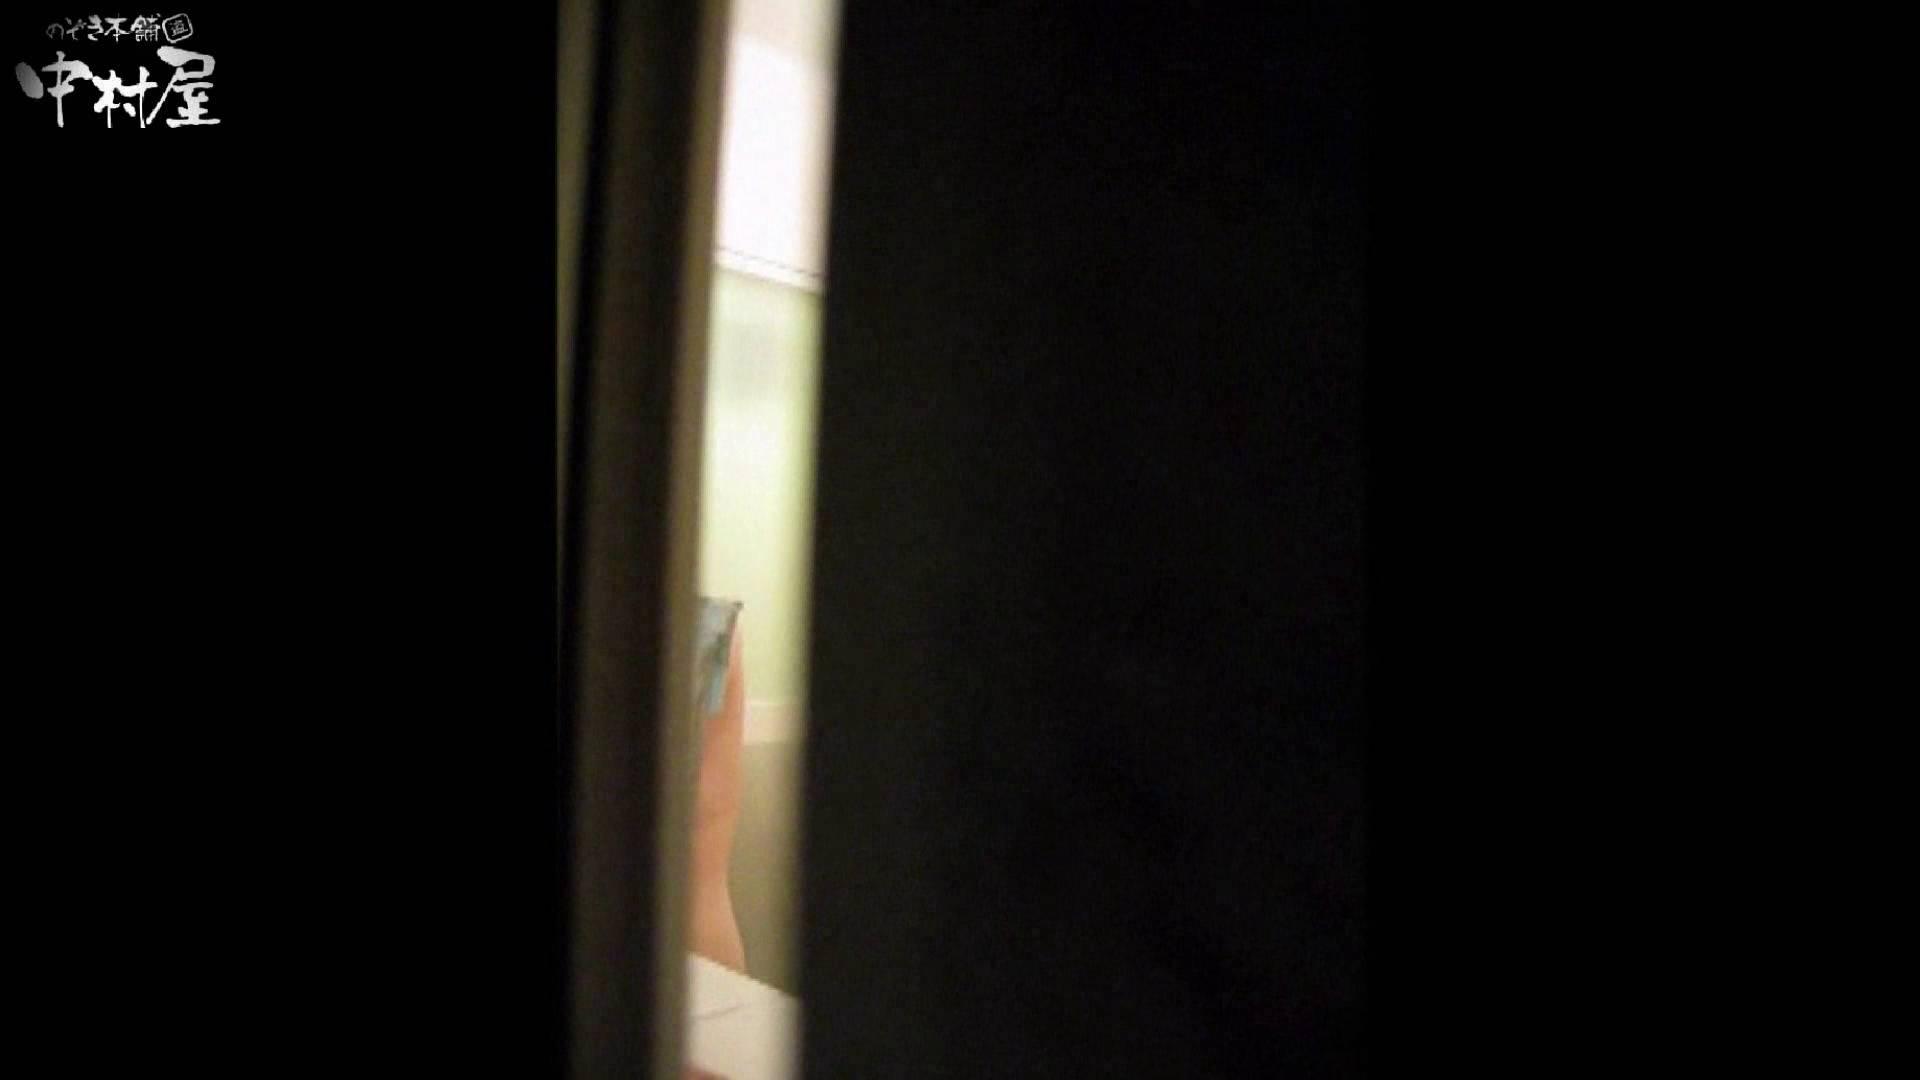 民家風呂専門盗撮師の超危険映像 vol.015 美女 | 美少女のエロ生活  107連発 97